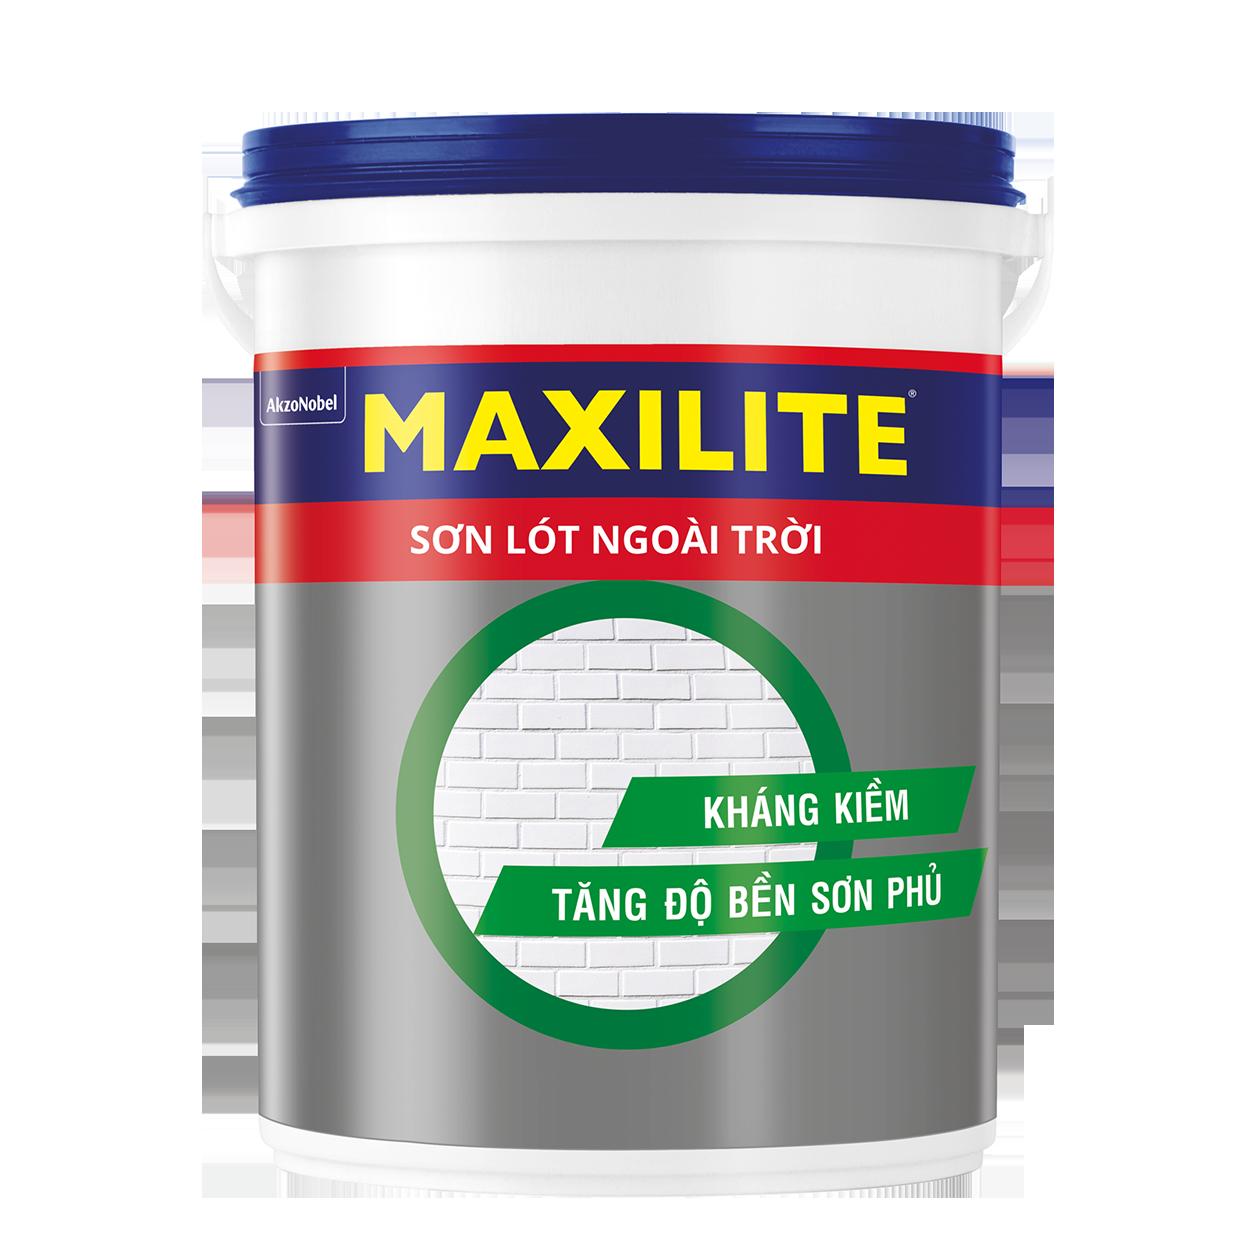 Maxilite Sơn Lót Ngoài Trời